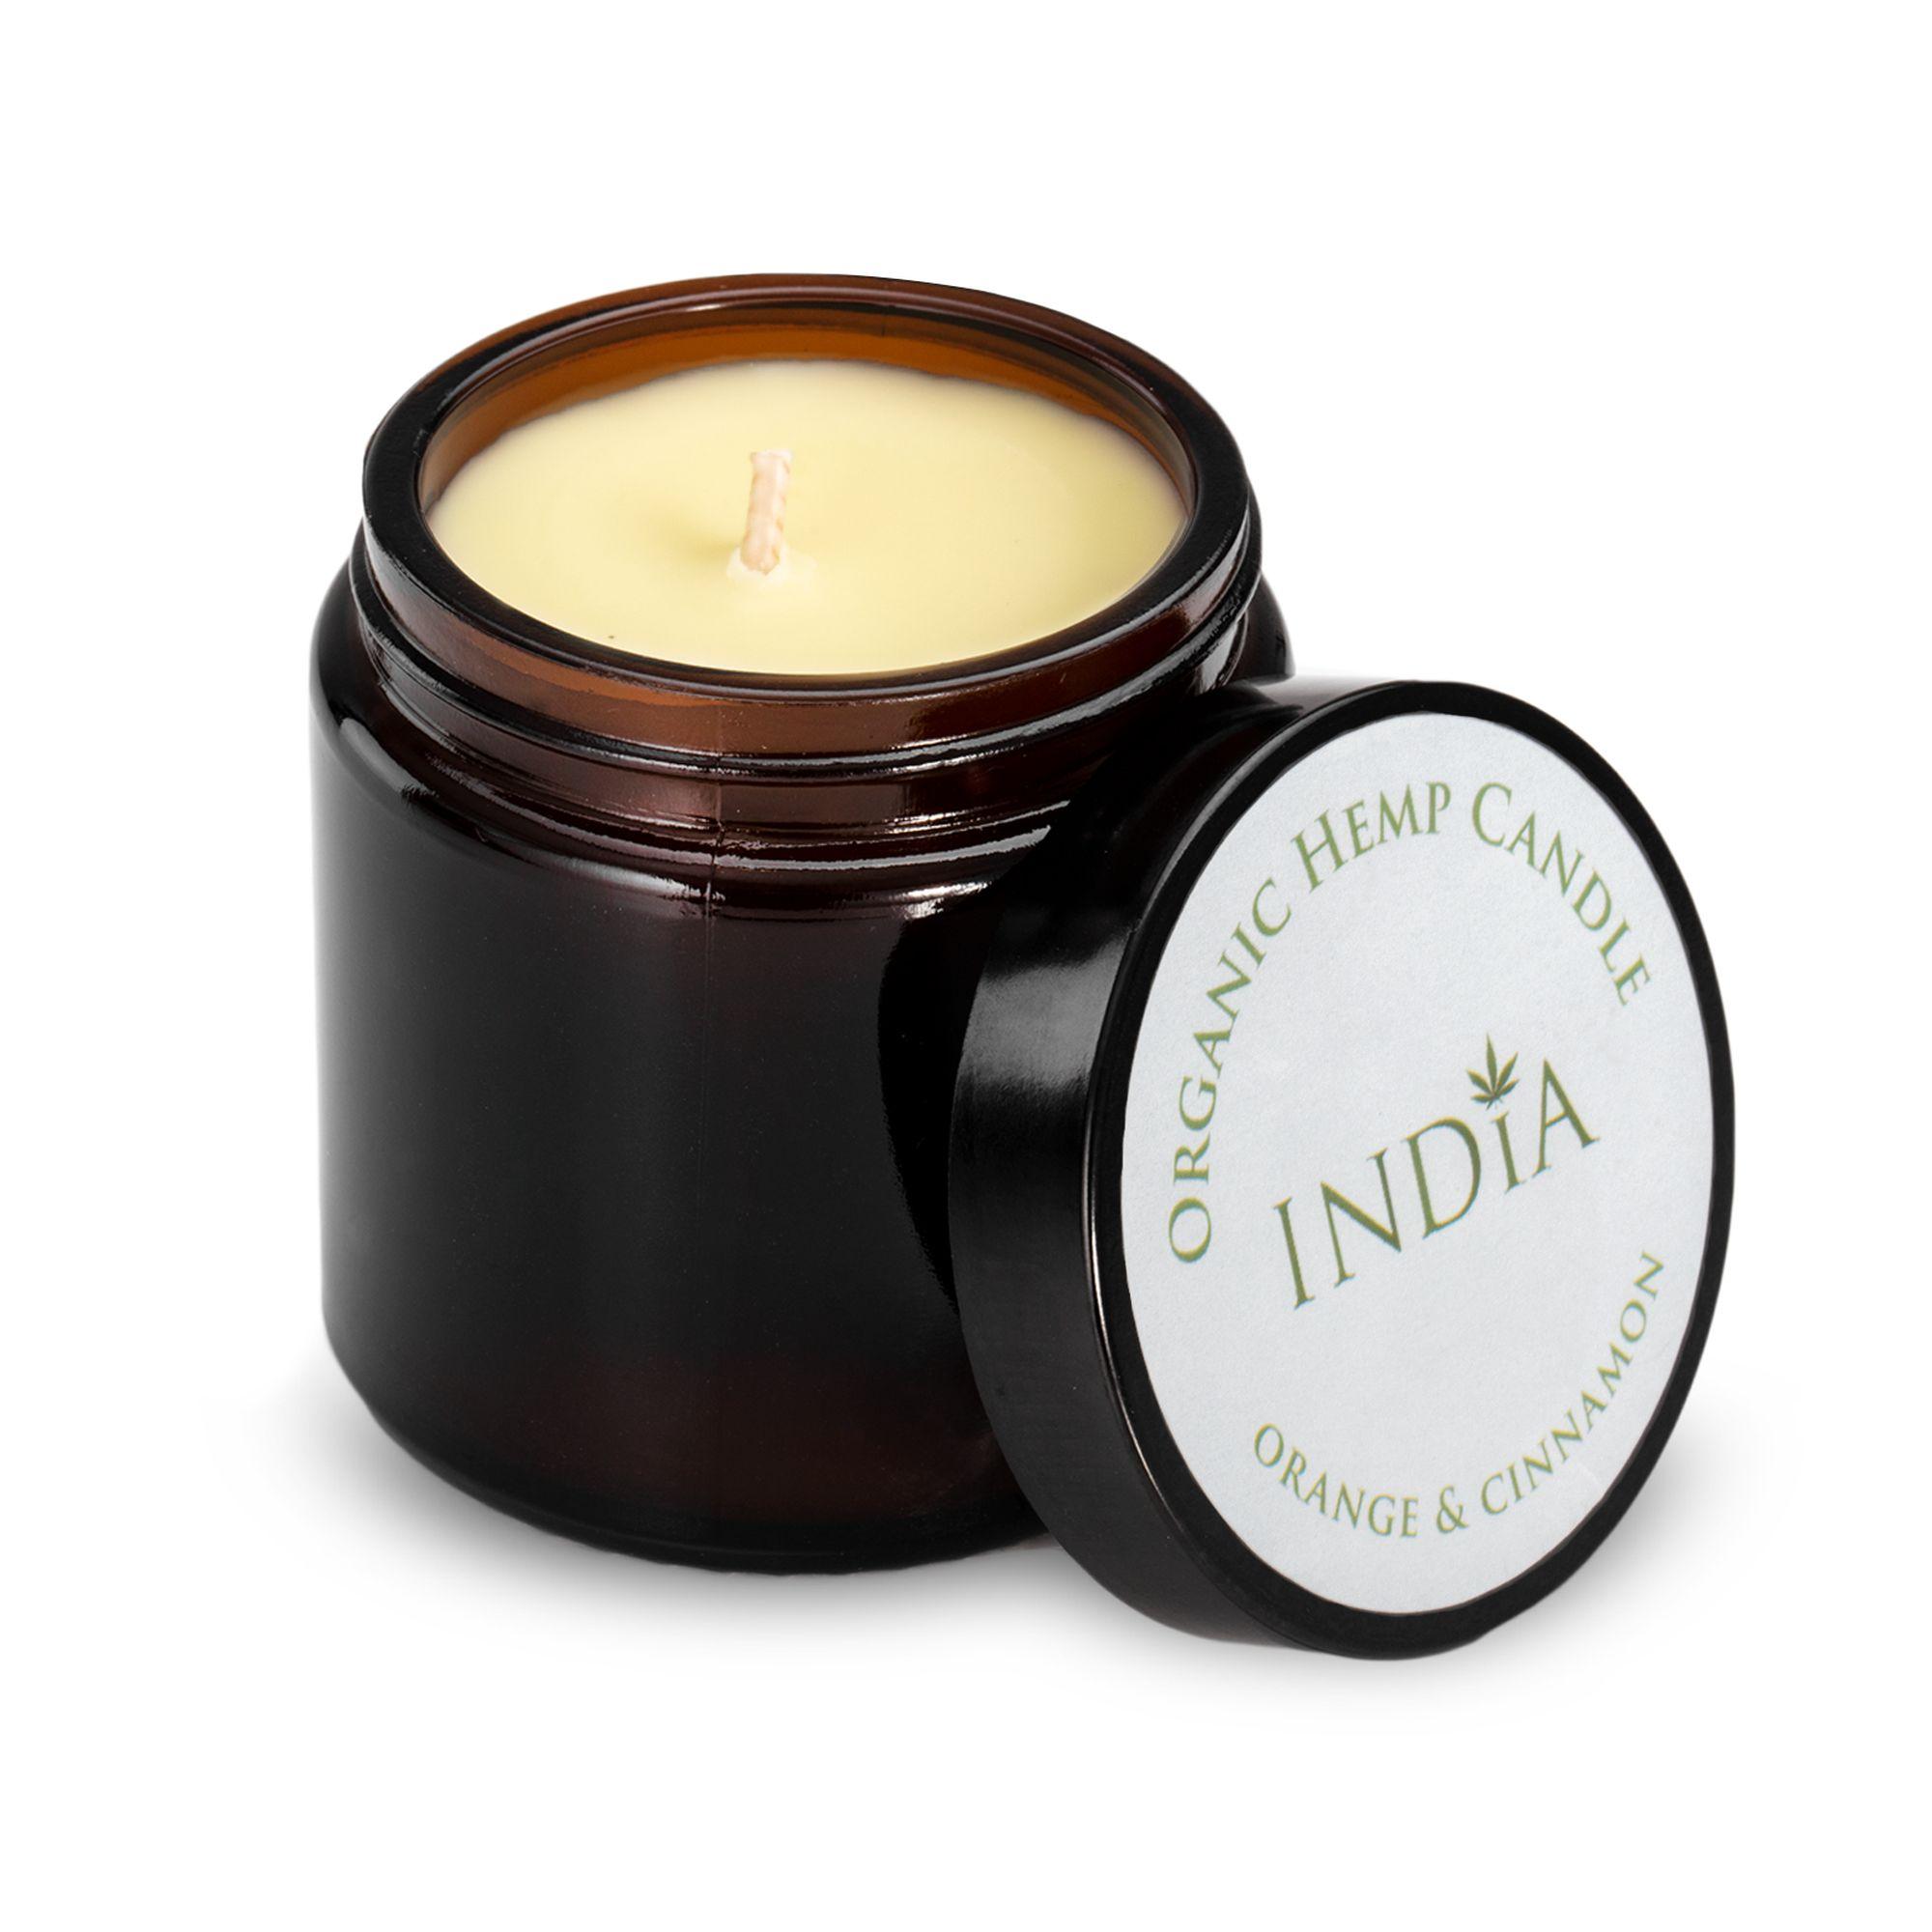 Hanf-Kerze 'Orange & Zimt' mit Hanf-Öl von India Cosmetics